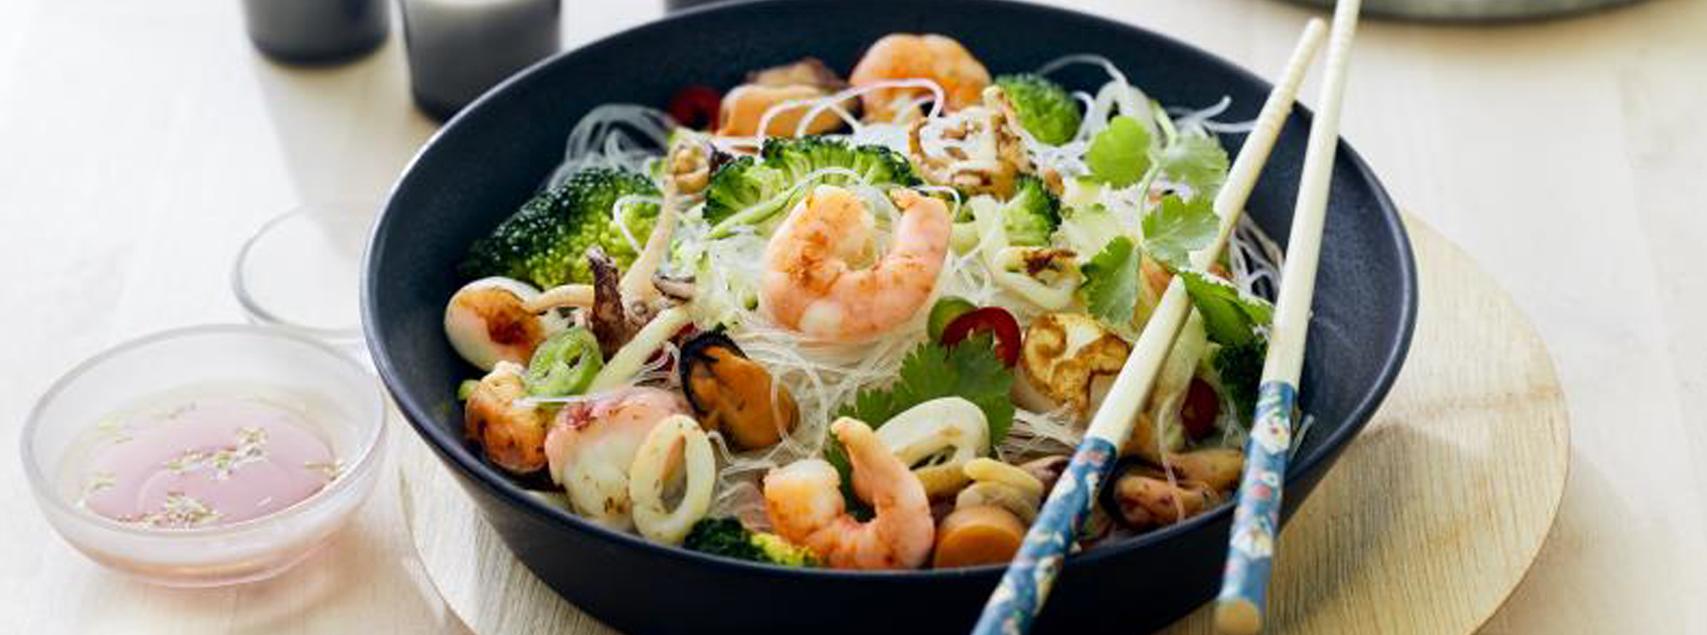 Meeresfrüchtesalat mit Gemüse und Reisnudeln